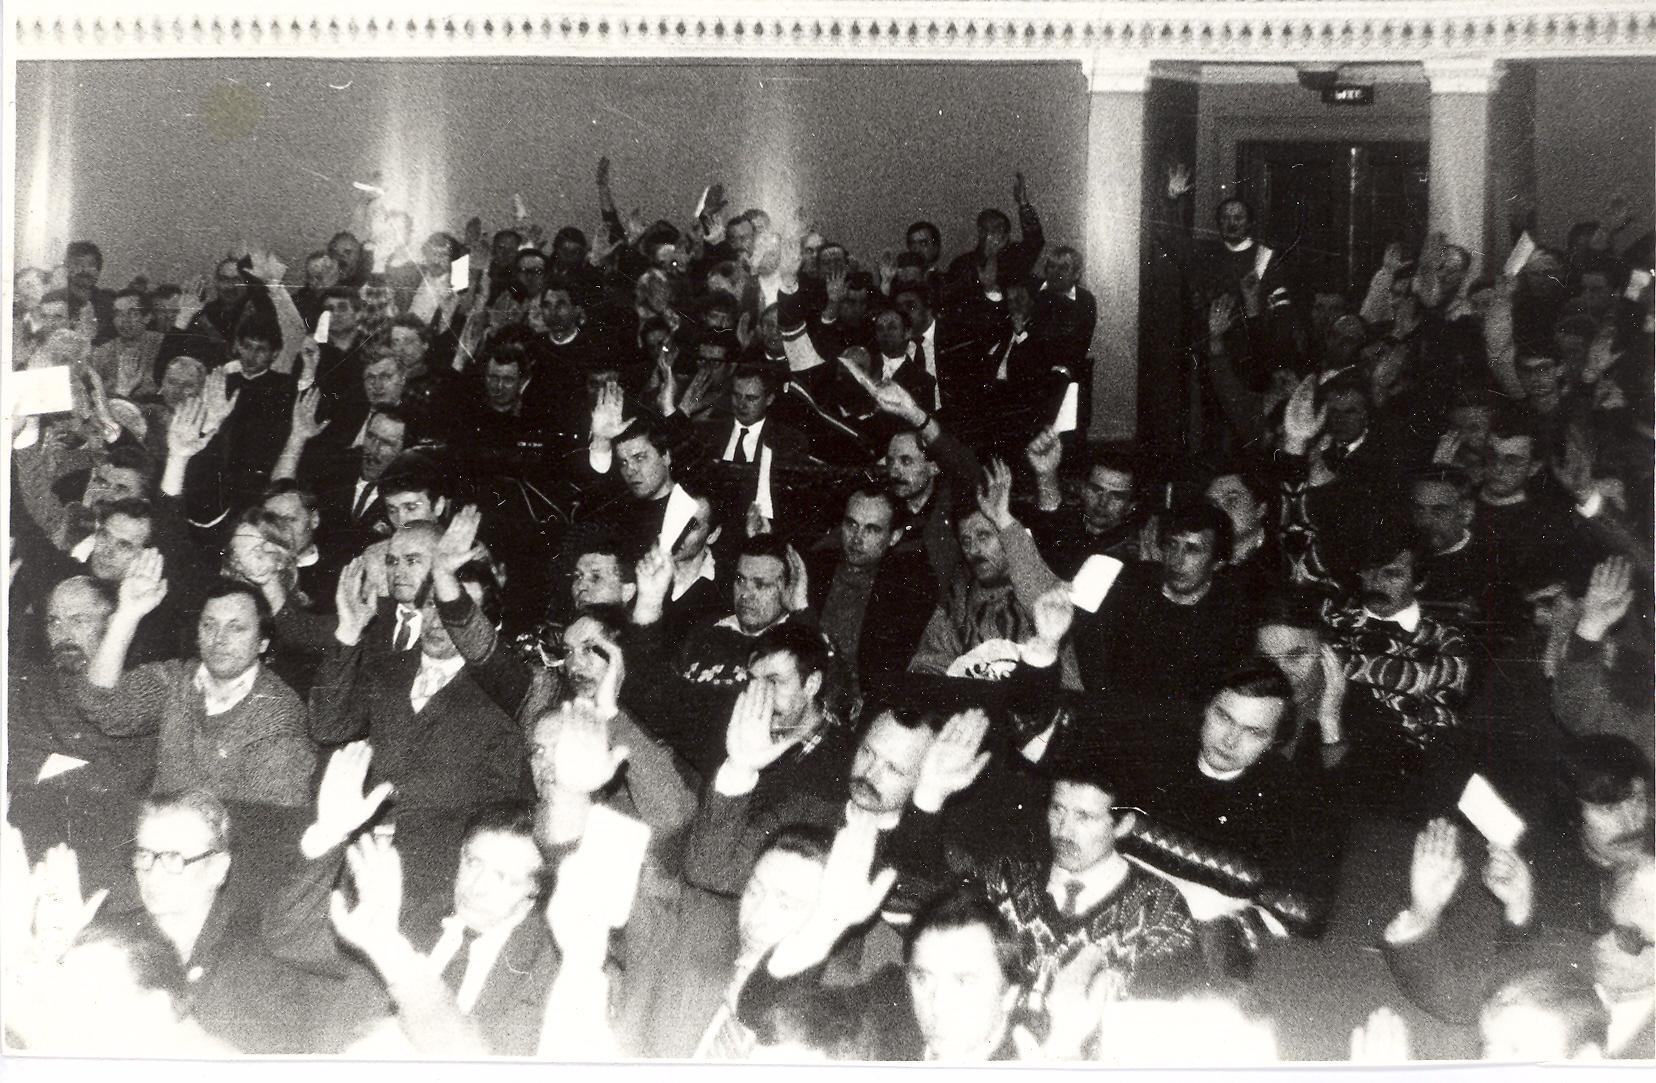 Устаноўчы сход Мінскай гарадской рады БЗВ у Палацы прафсаюзаў. 1993 год.